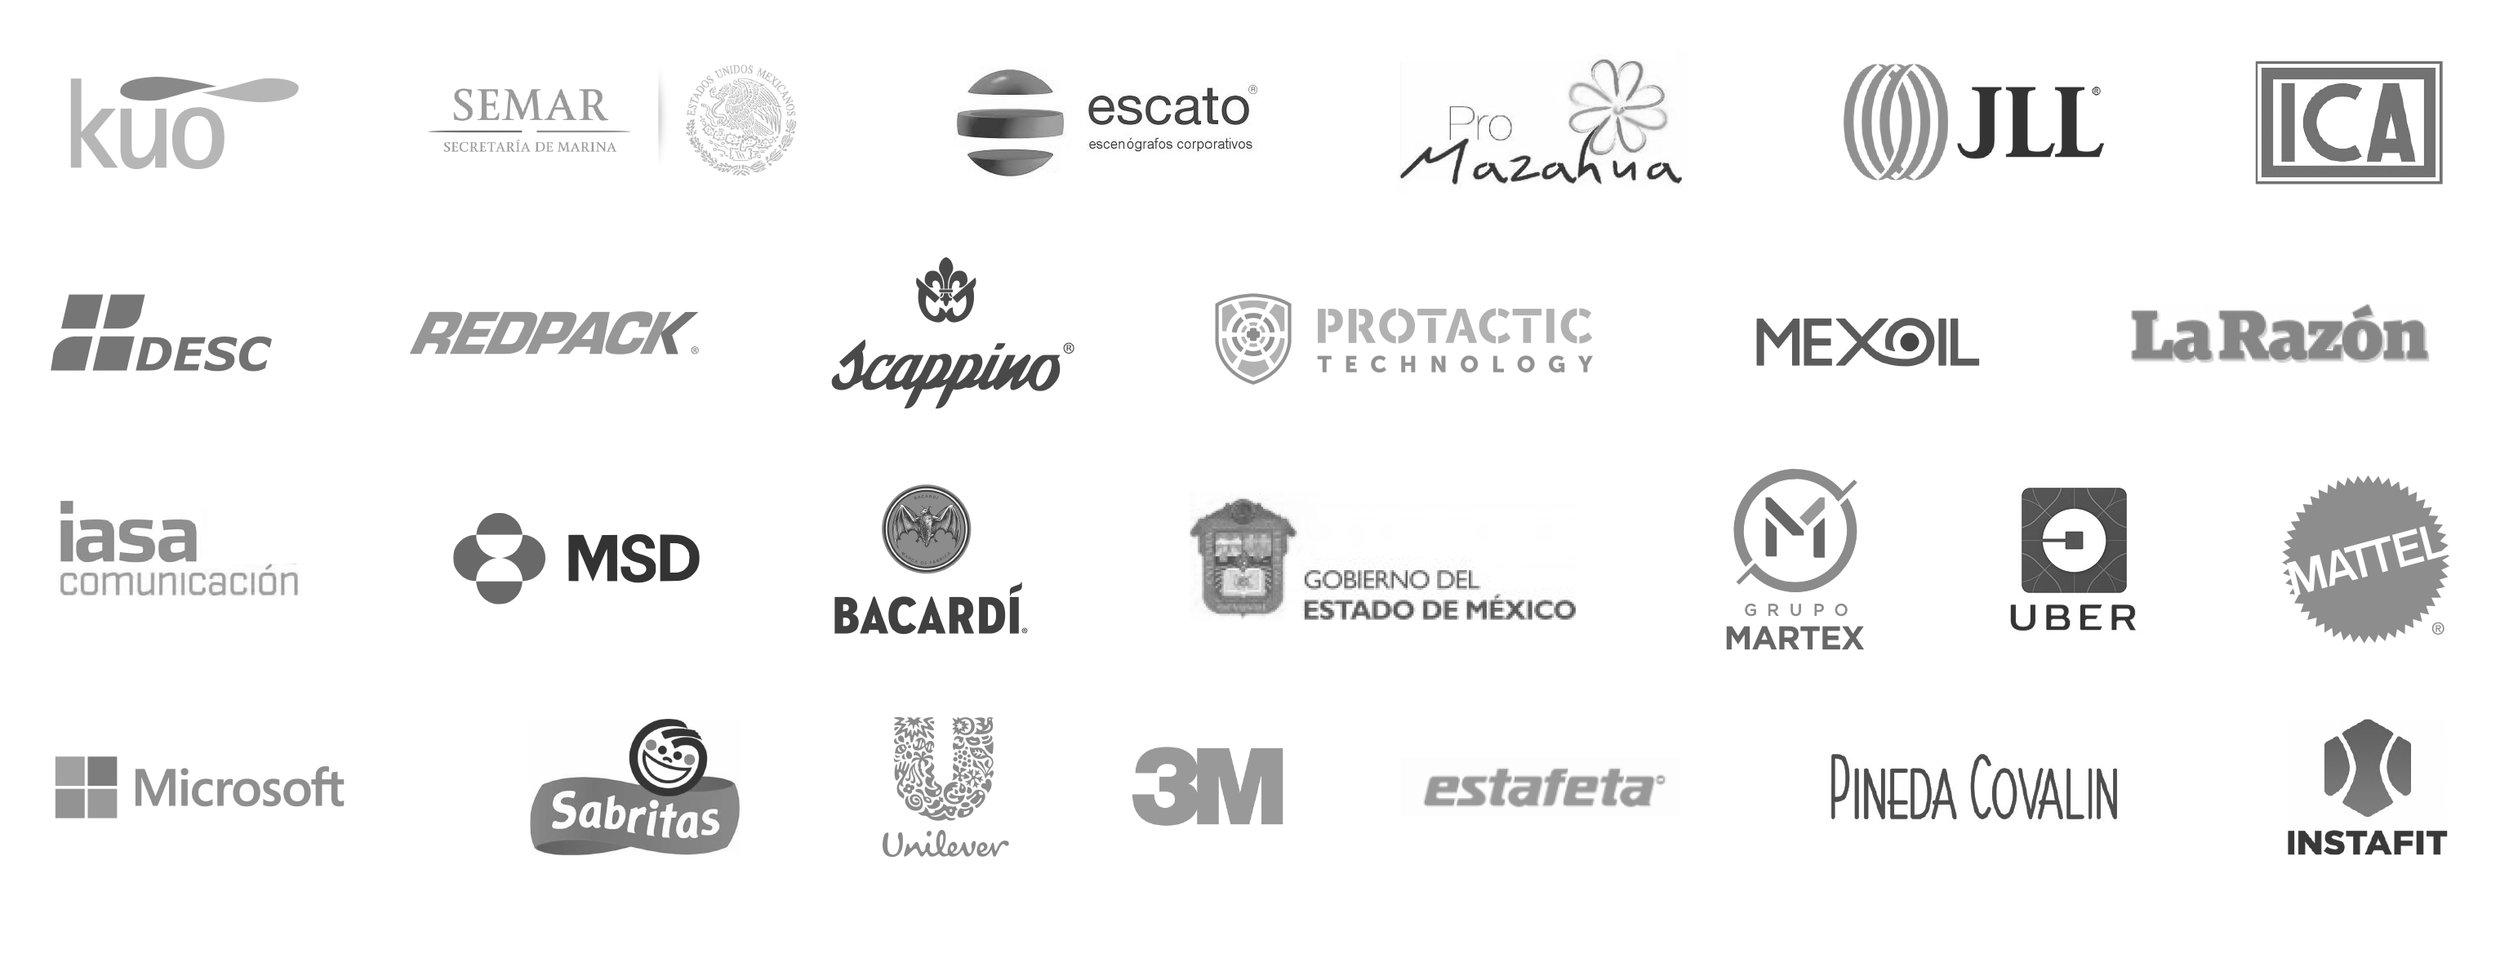 Logos_Clientes.jpg